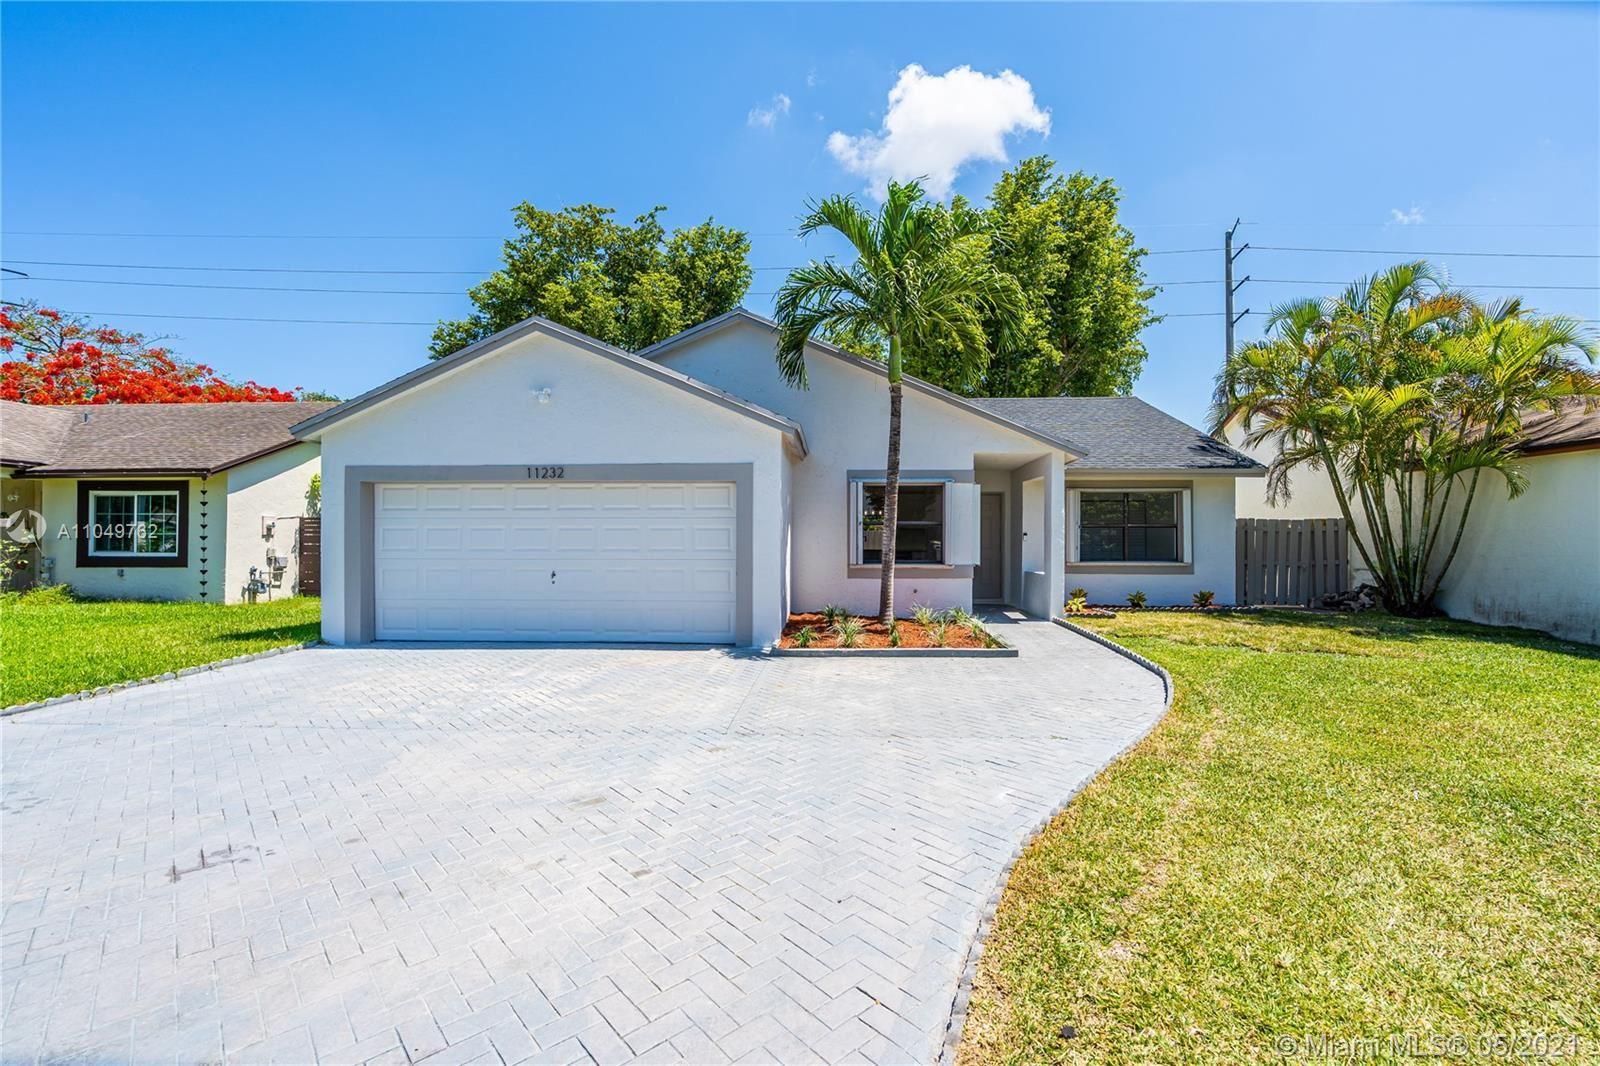 11232 SW 135th Ln, Miami, FL 33176 - #: A11049762